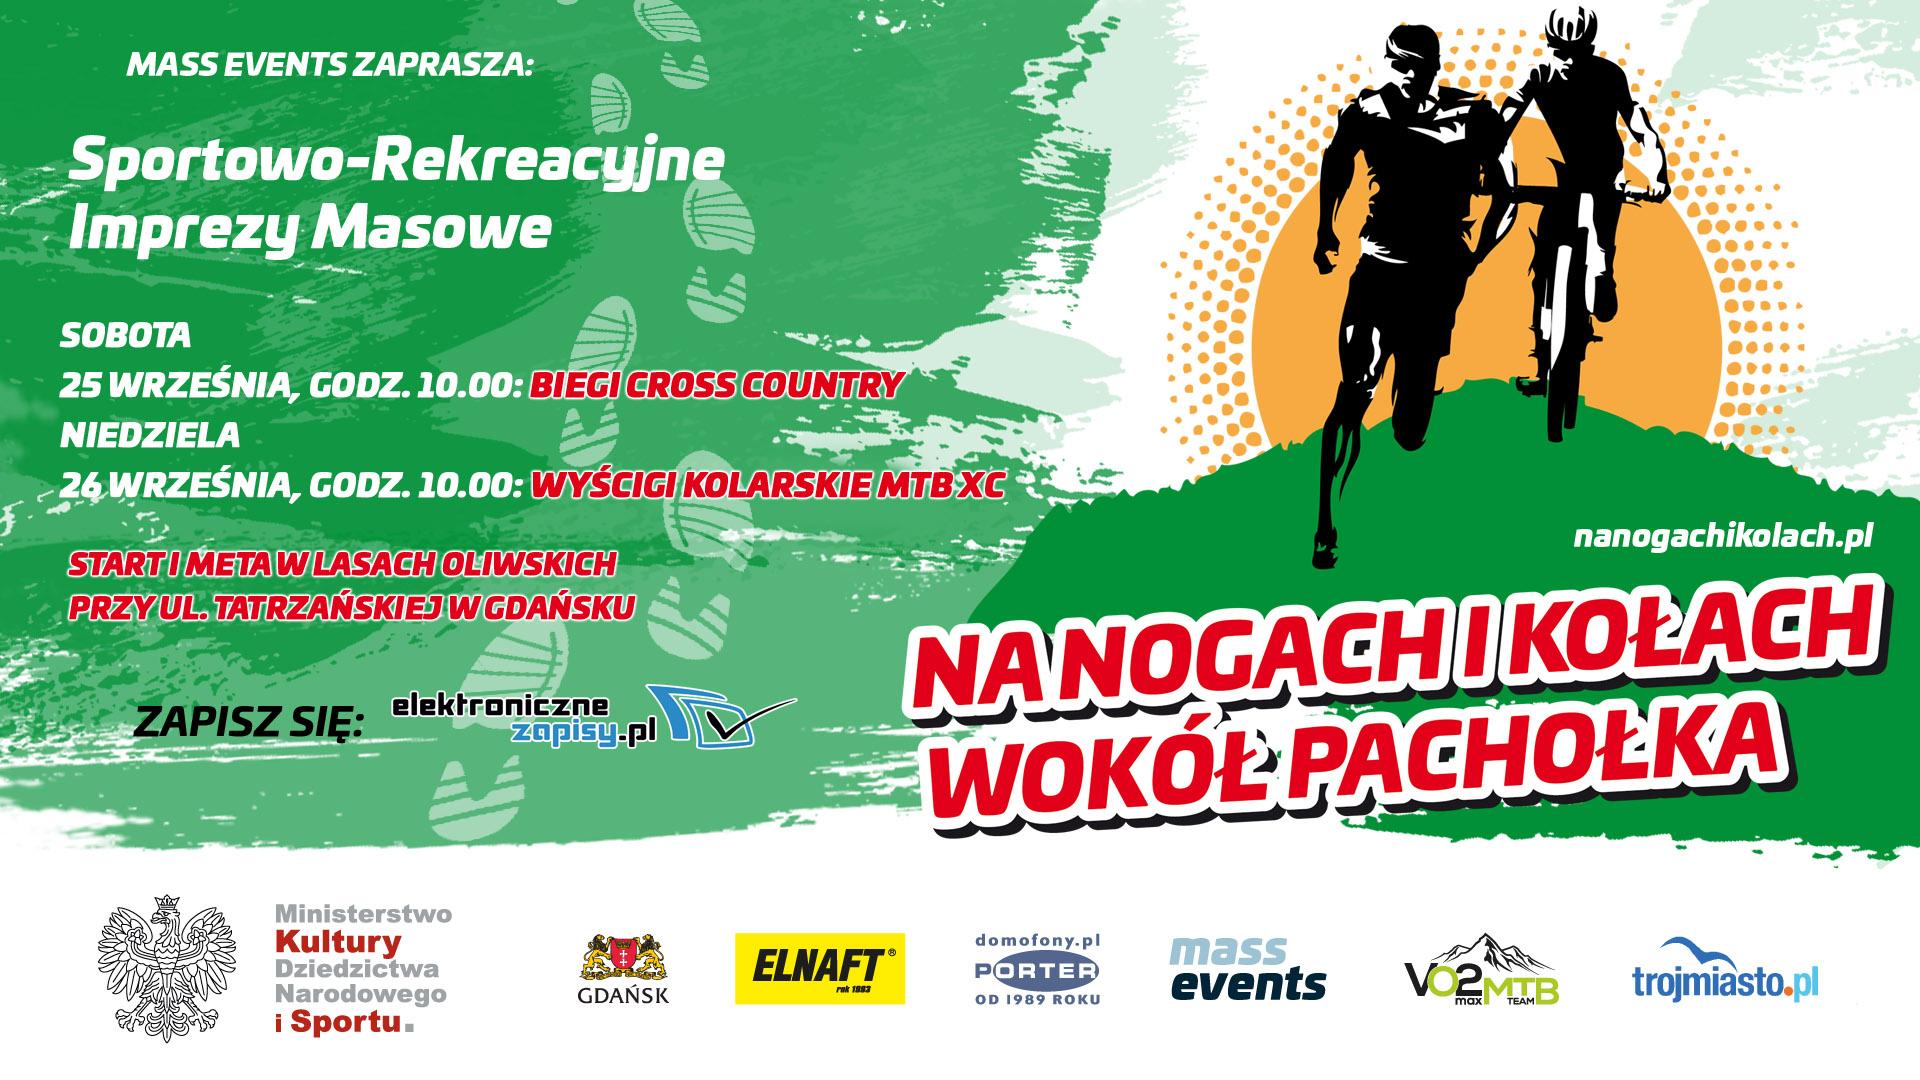 baner promujący zawody Na Nogach iKołach wokół Pachołka